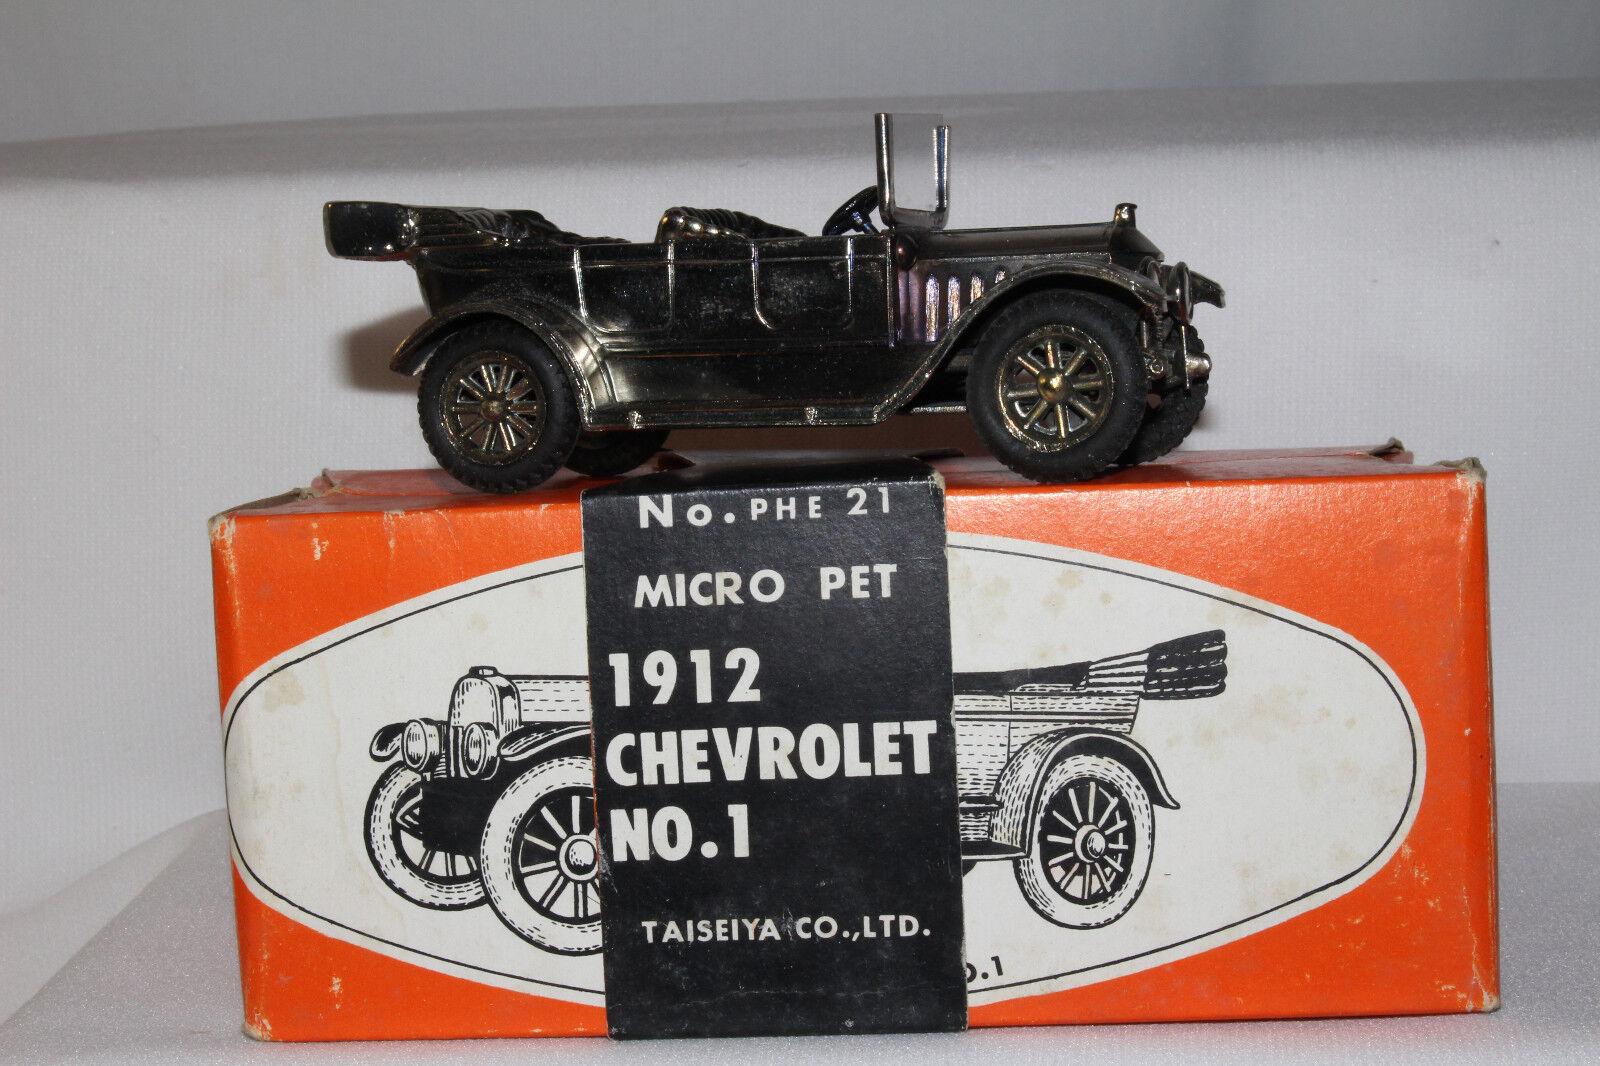 Micropet 1912 Chevrolet Touring Carro, hecho en Japón, 1 43 Escala Con Caja